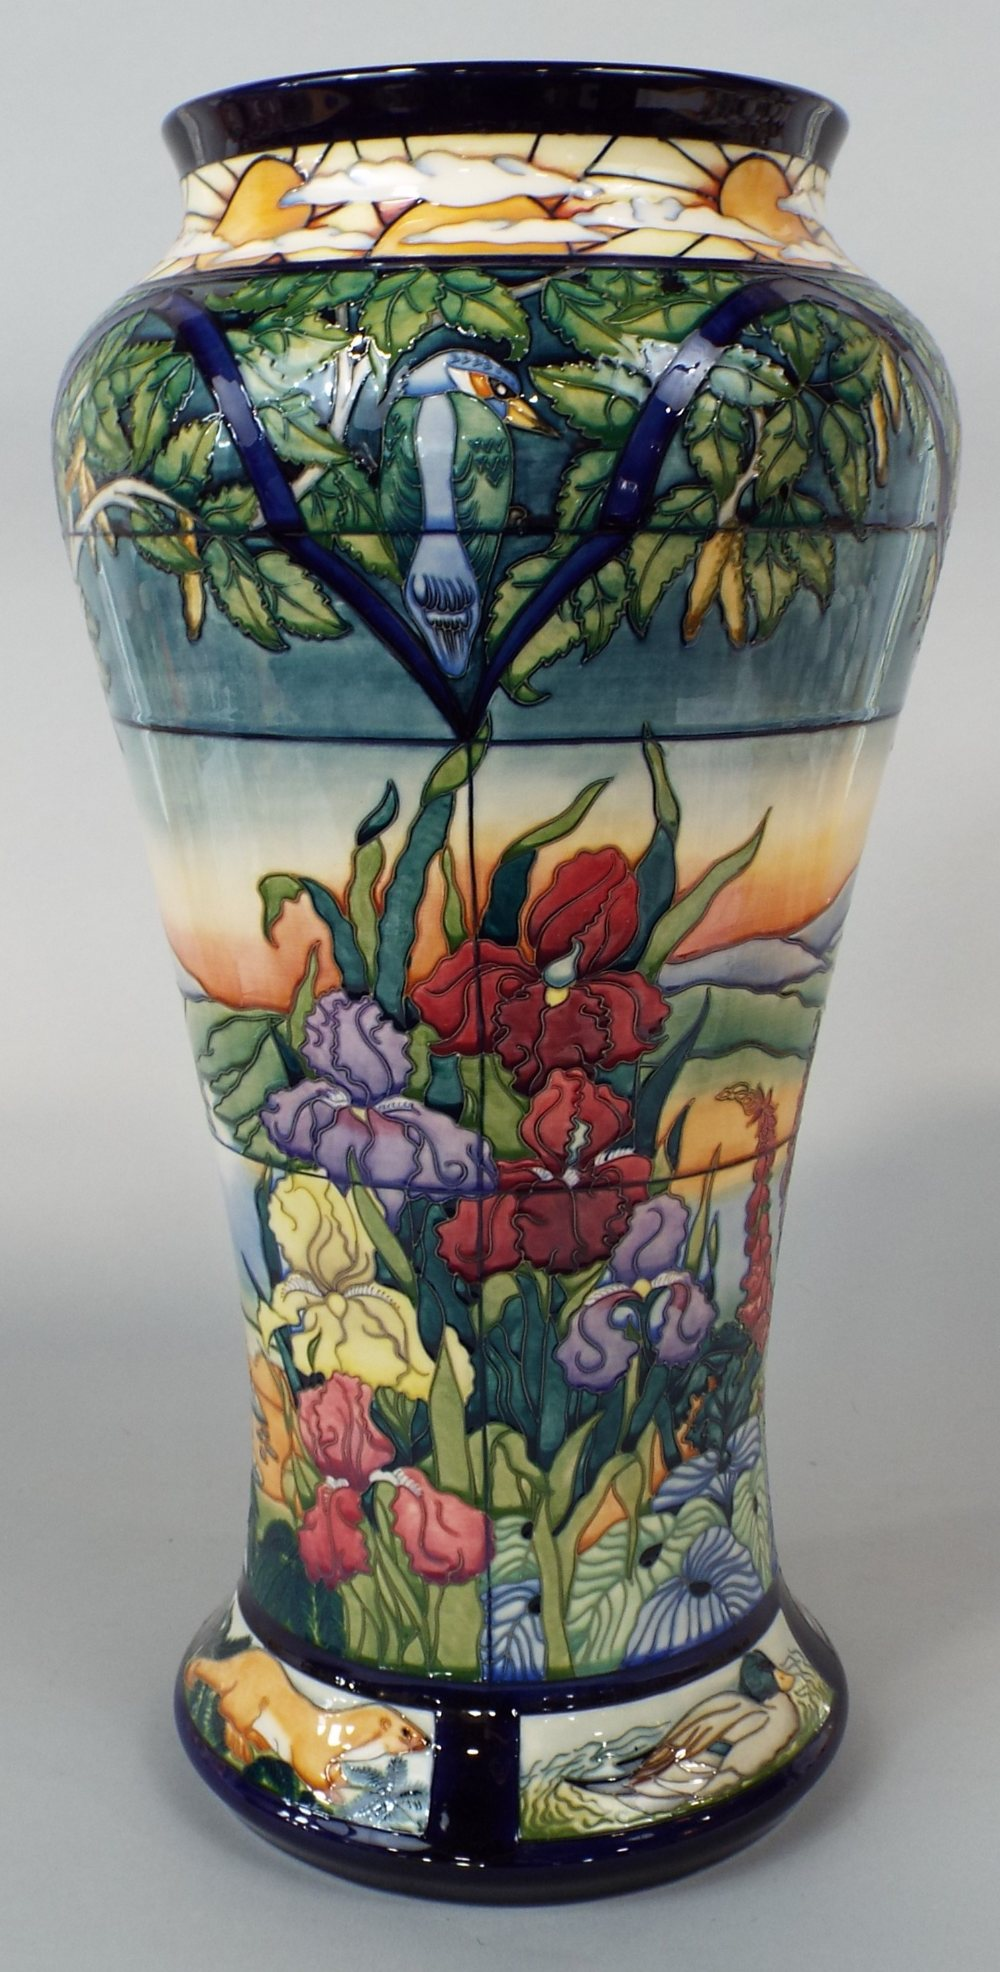 Lot 65 - A substantial Moorcroft Parramore Prestige floorstanding vase of shouldered form, designed by Rachel